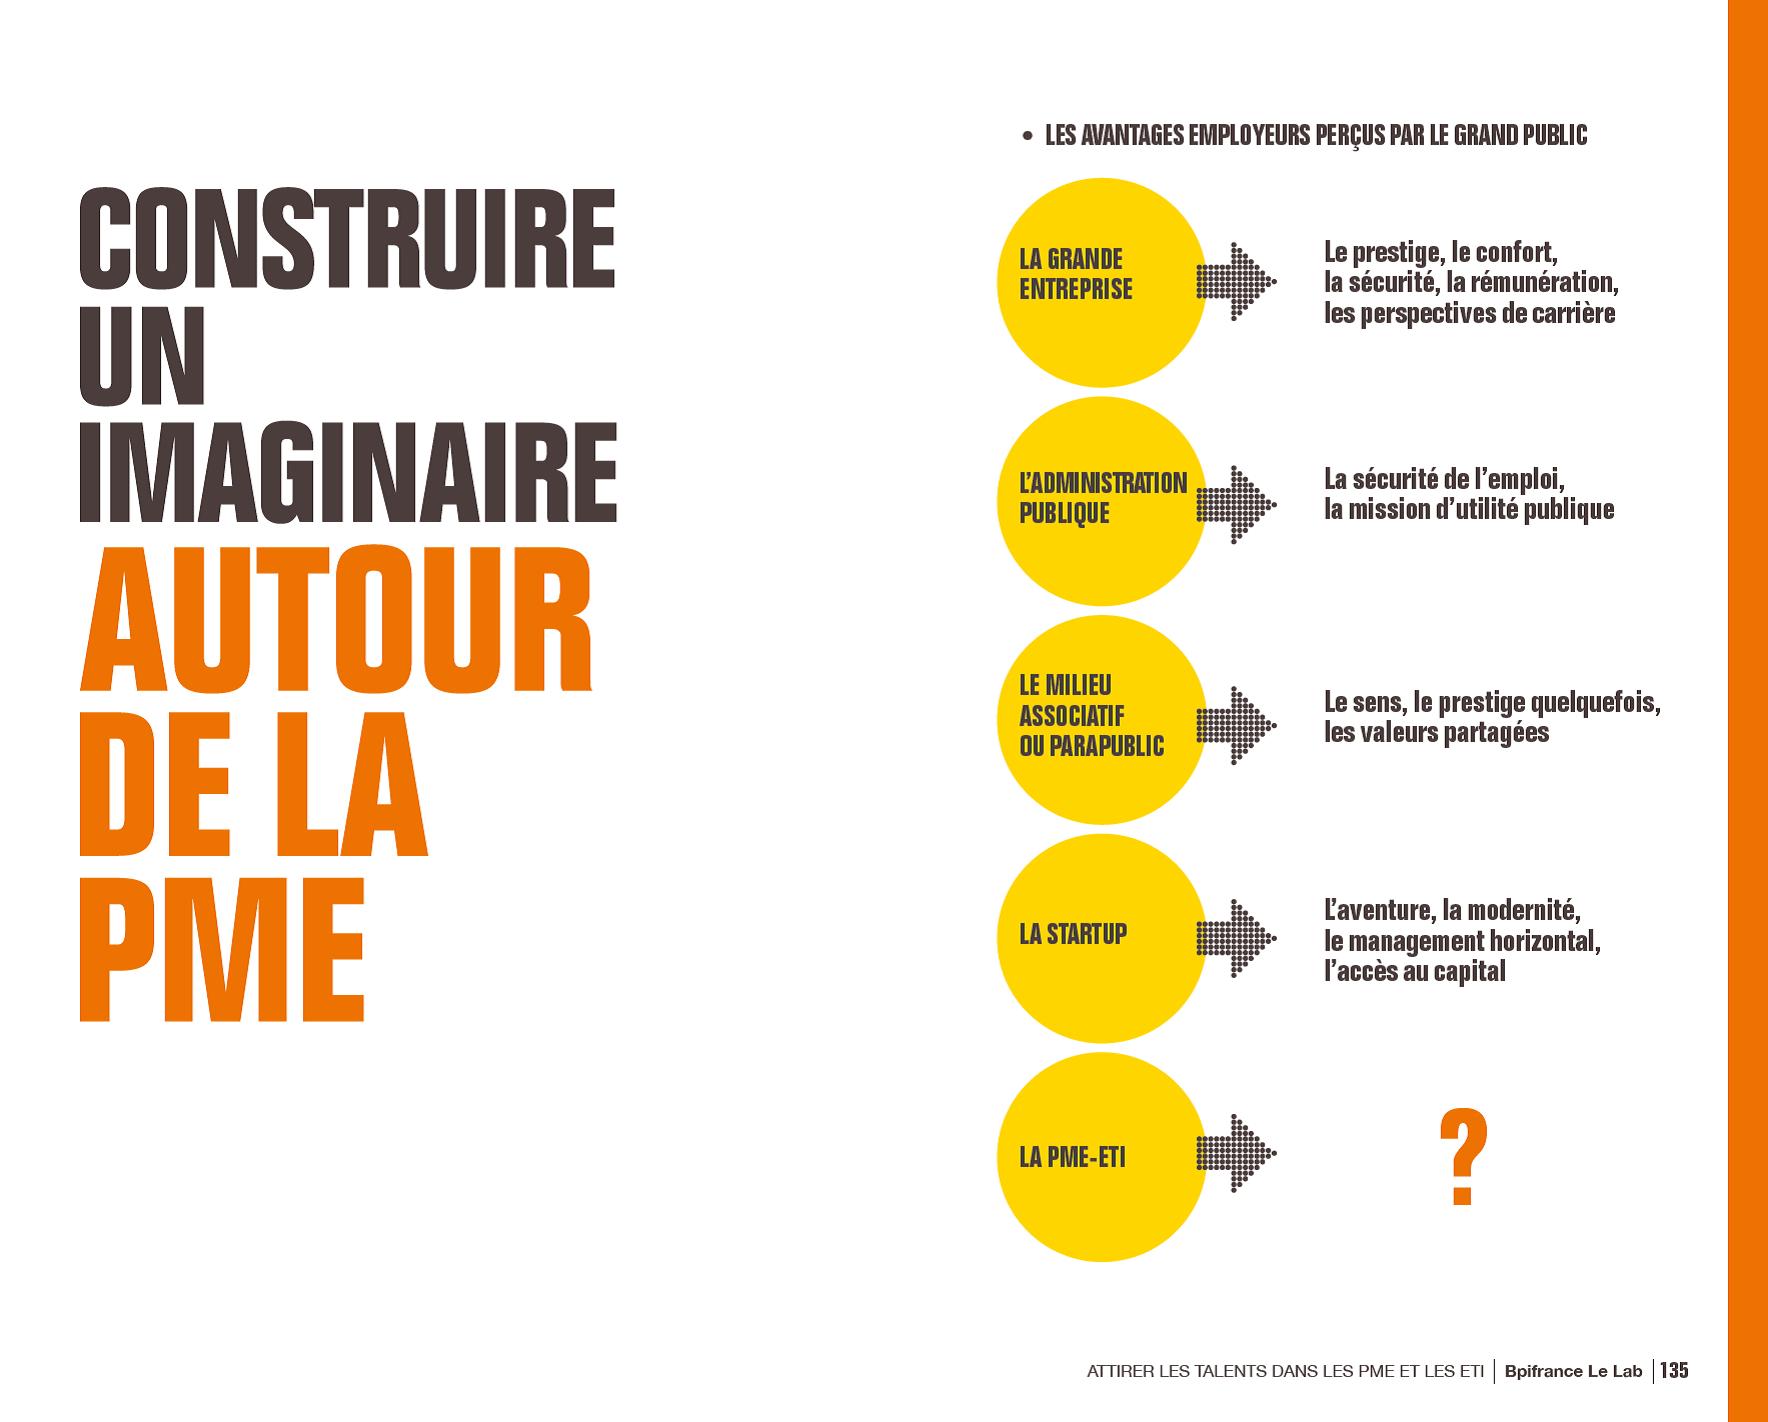 Construire un imaginaire autour de la PME